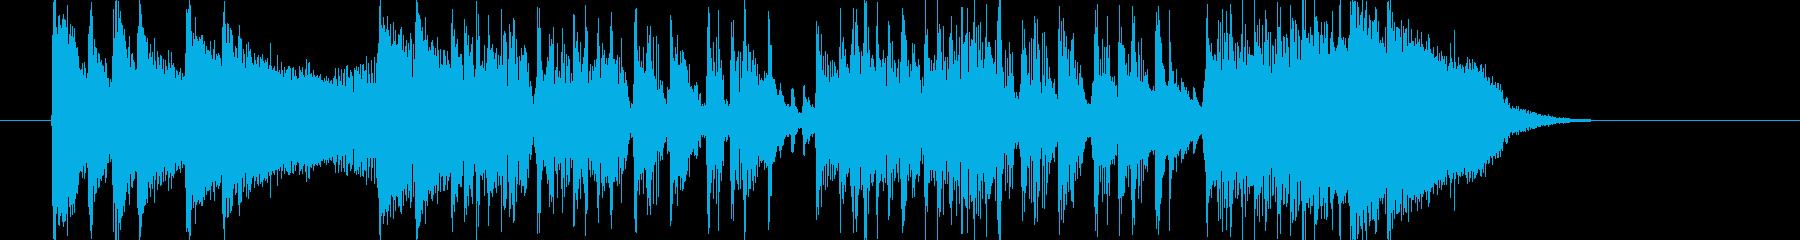 洗練されたベースやドラムによるロックの再生済みの波形